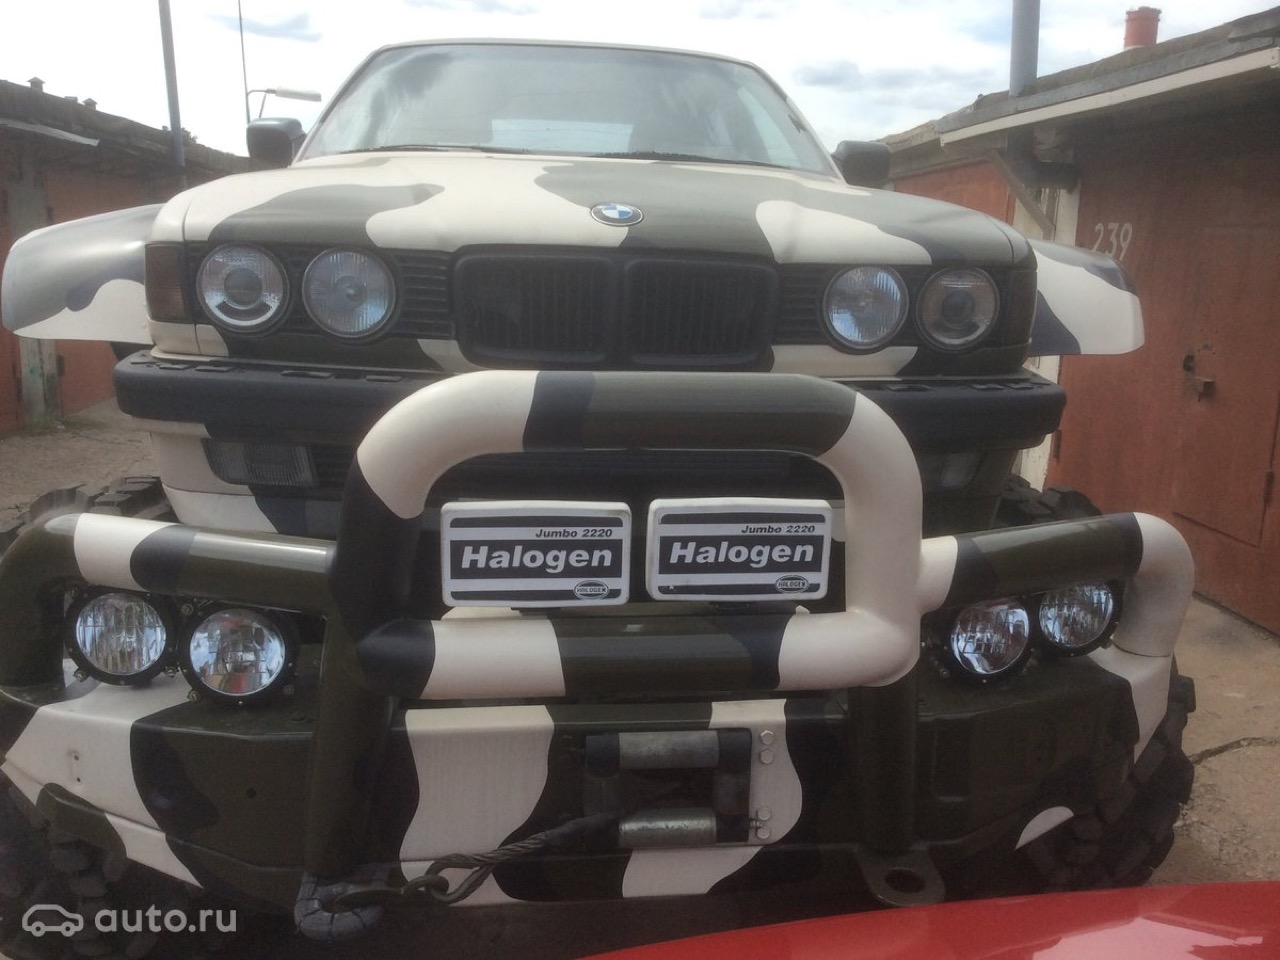 BMW-766-Valkyrie-04